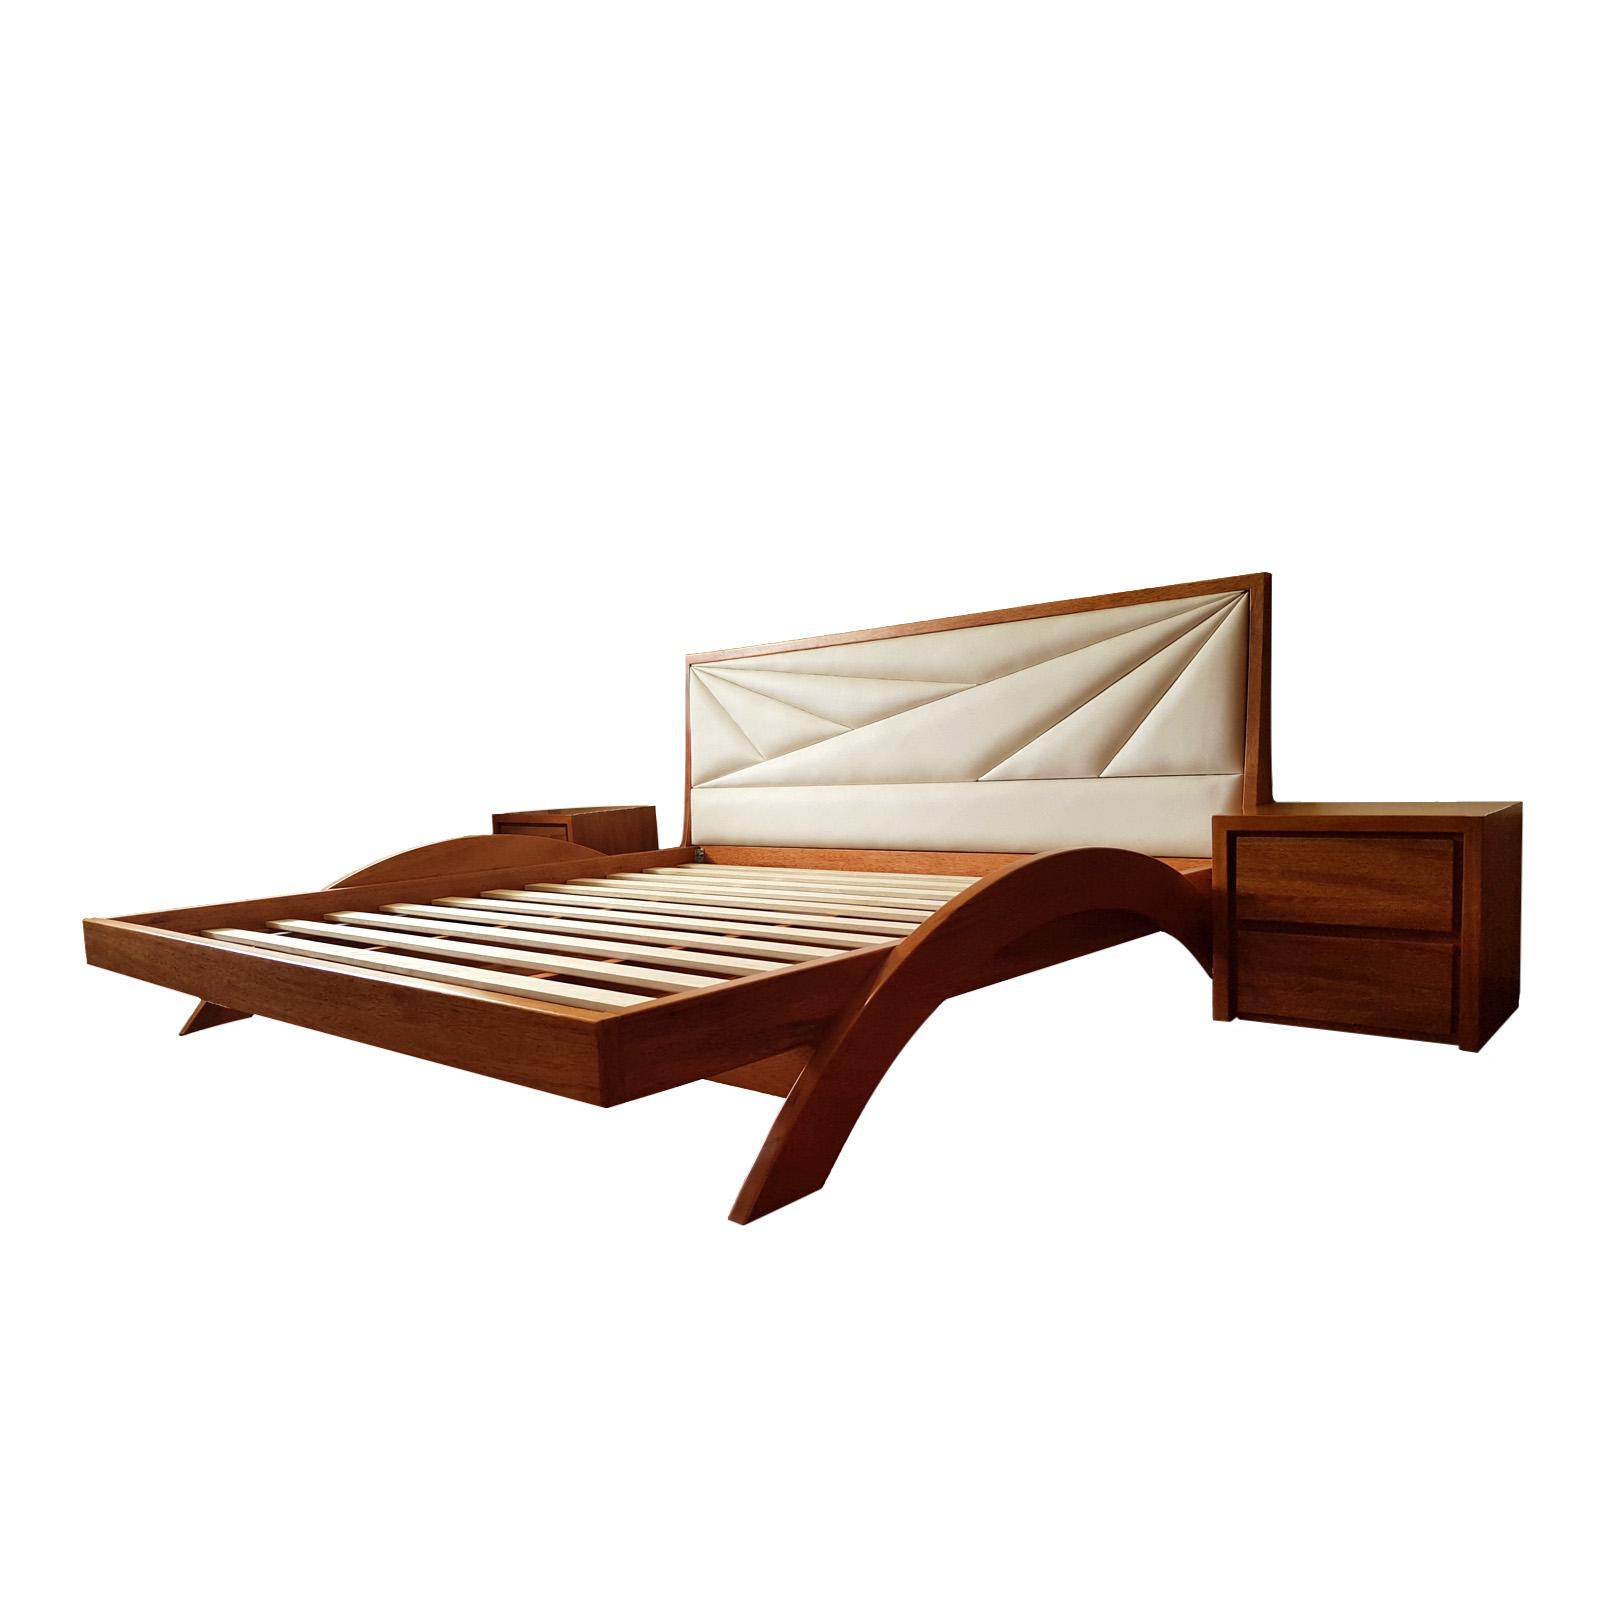 Cama flotante de madera Zeike